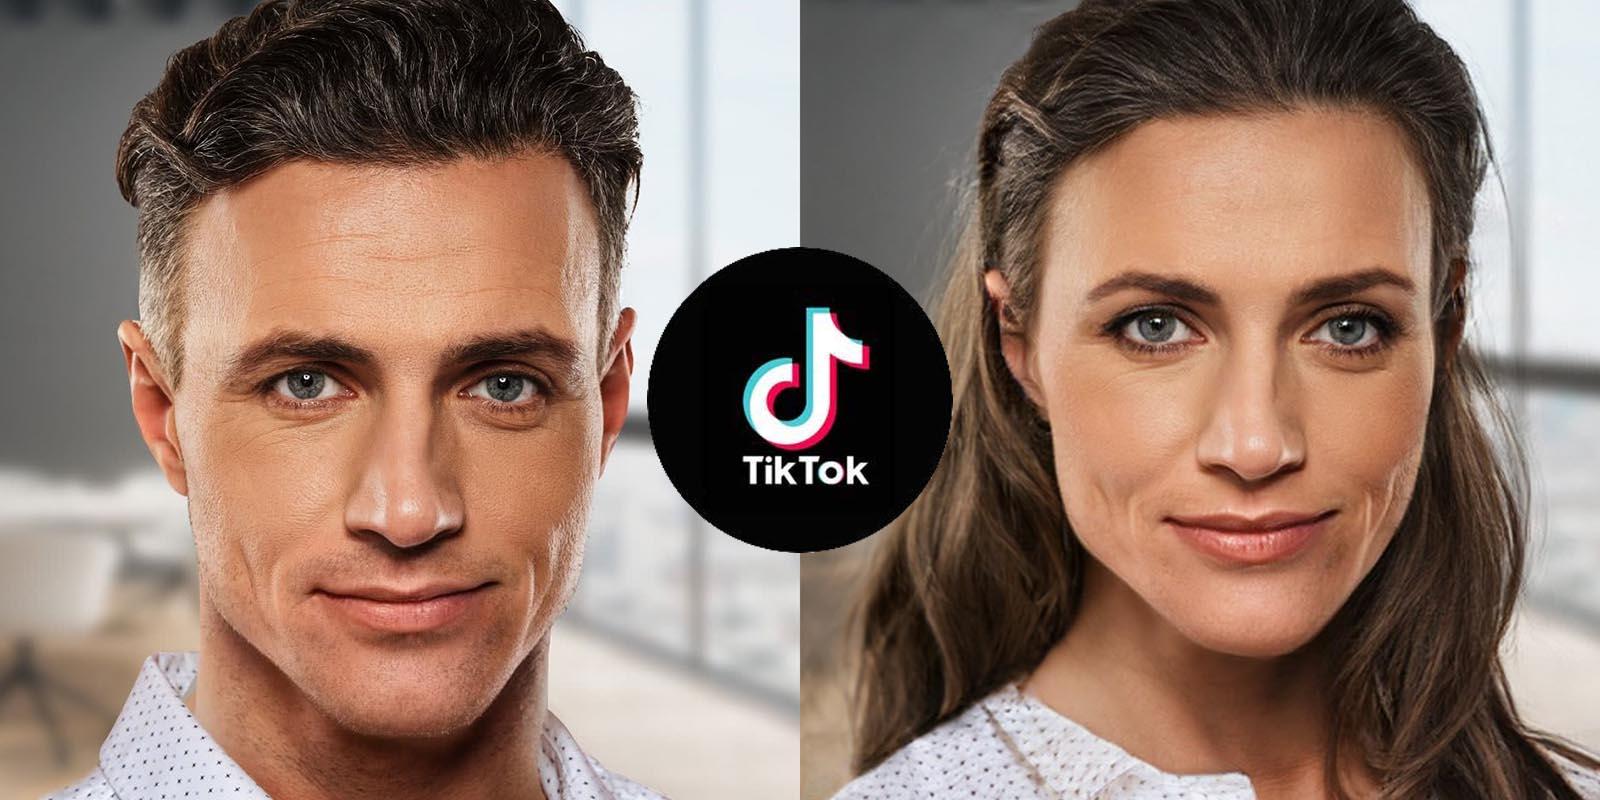 Cambiar de sexo amigos TikTok trend